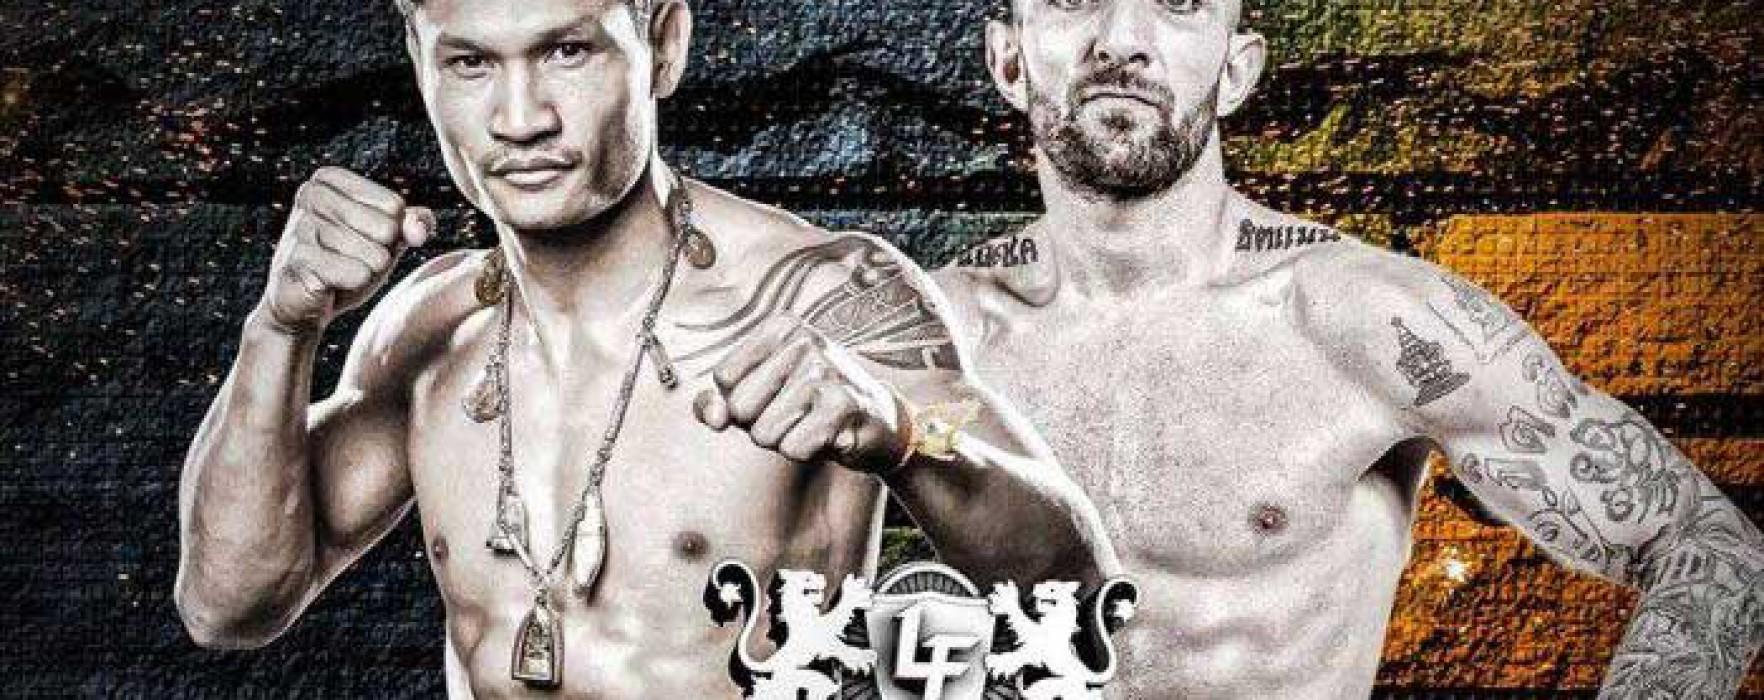 Card: Liam Harrison vs Malaipet Sasiprapa – Lion Fight 23 – 31 Luglio 2015 – California, USA